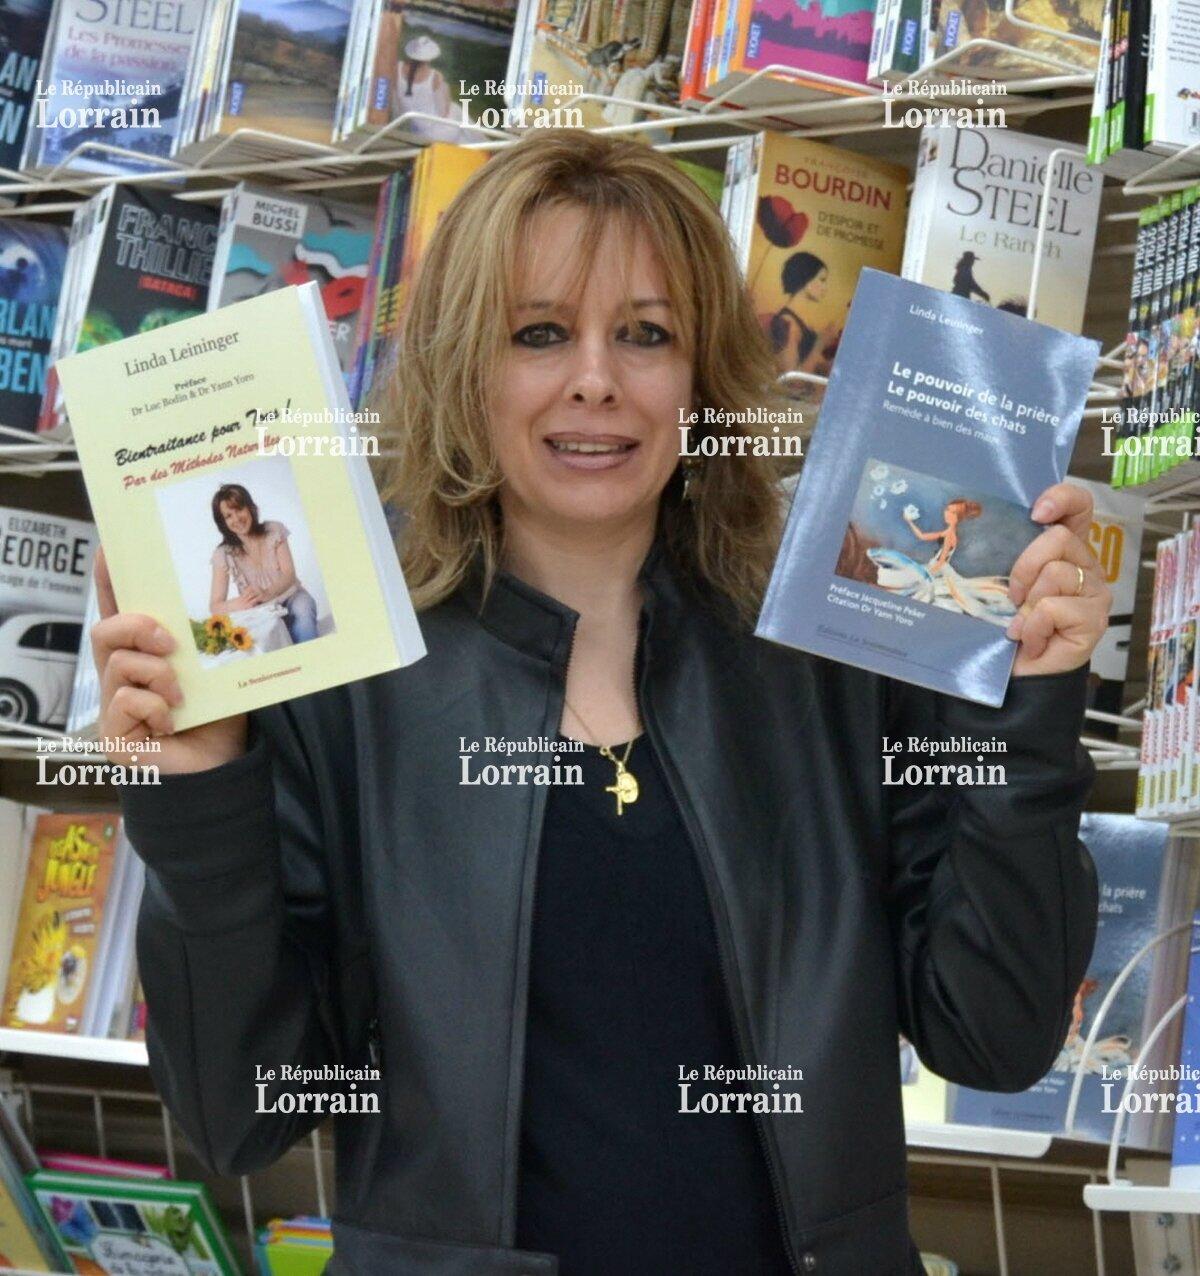 Linda Leininger consultation sur rendez -vous